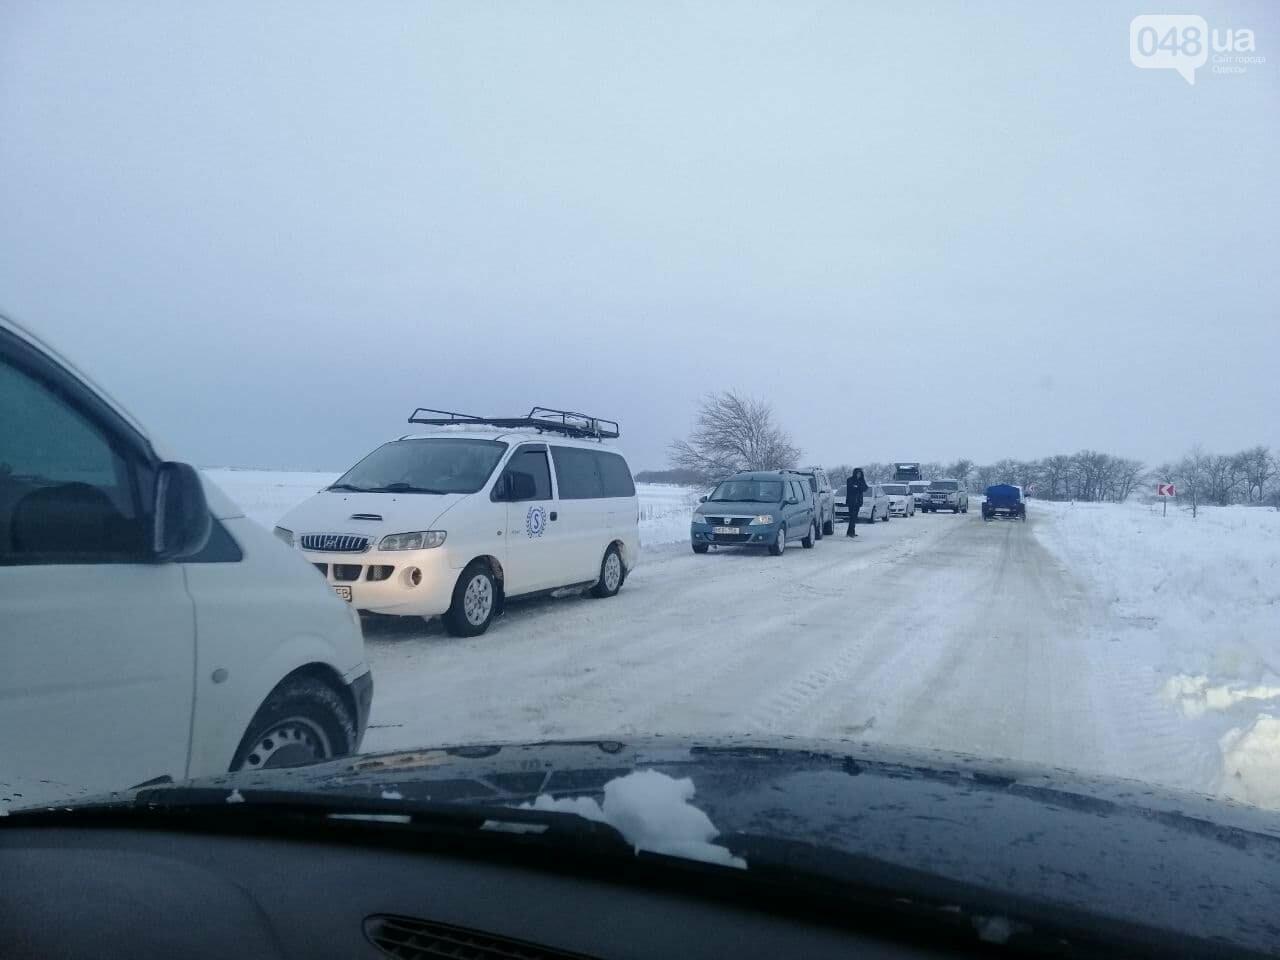 Трасса Одесса-Рени: брошенные автомобили, трактора и сугробы,- ВИДЕО, ФОТО, фото-13